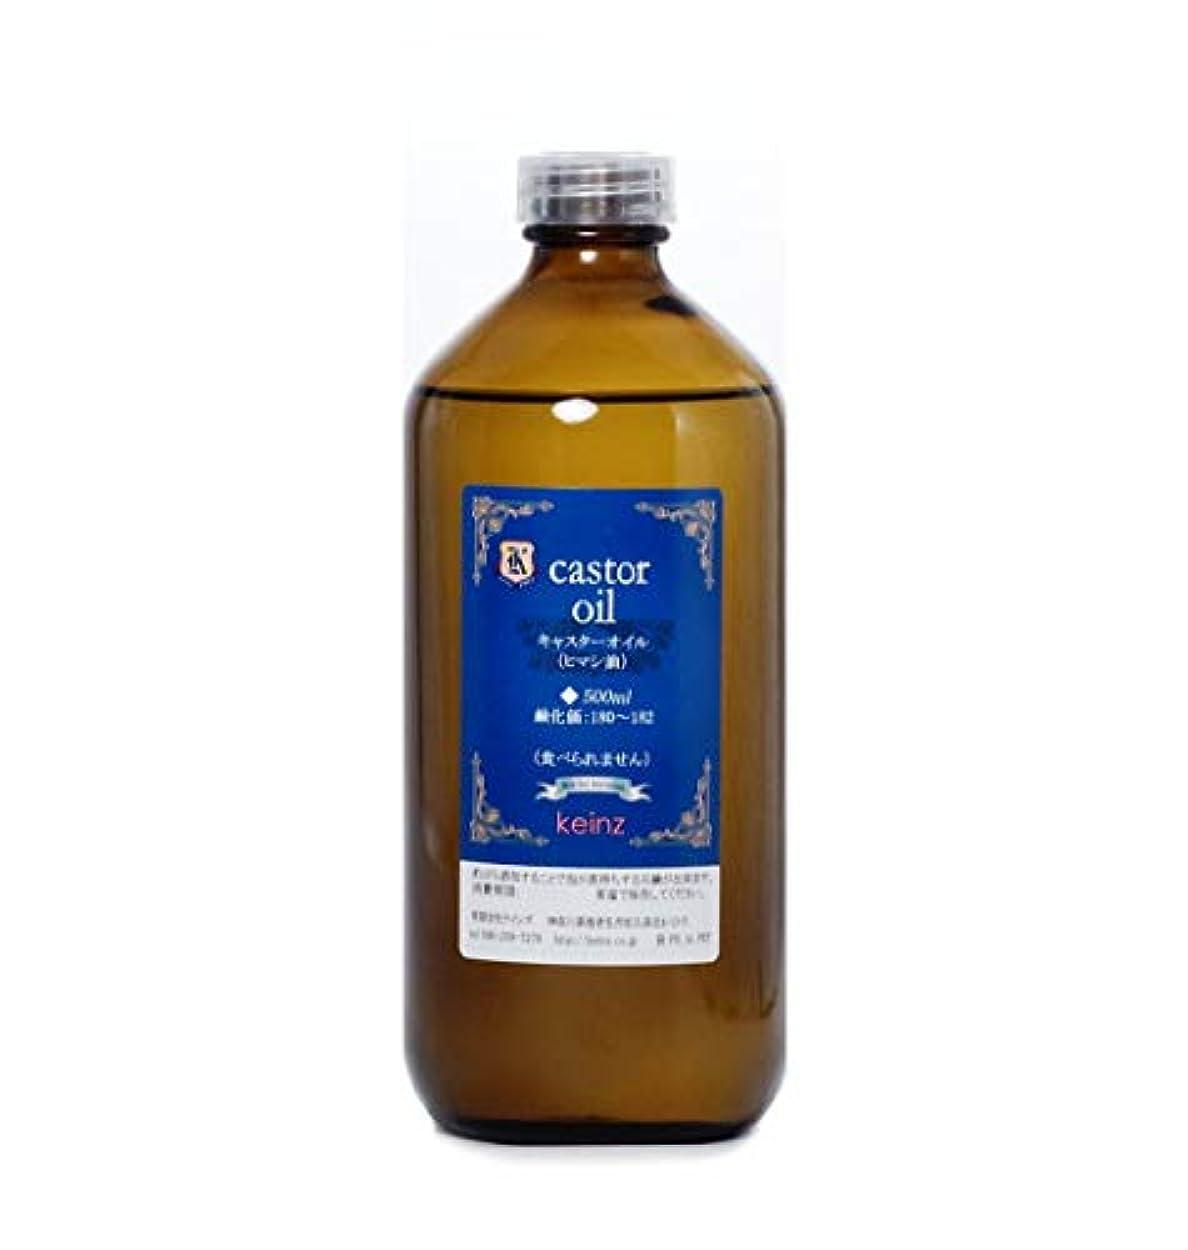 知性発明北東keinz 良質 天然キャスターオイル(ヒマシ油) 500ml